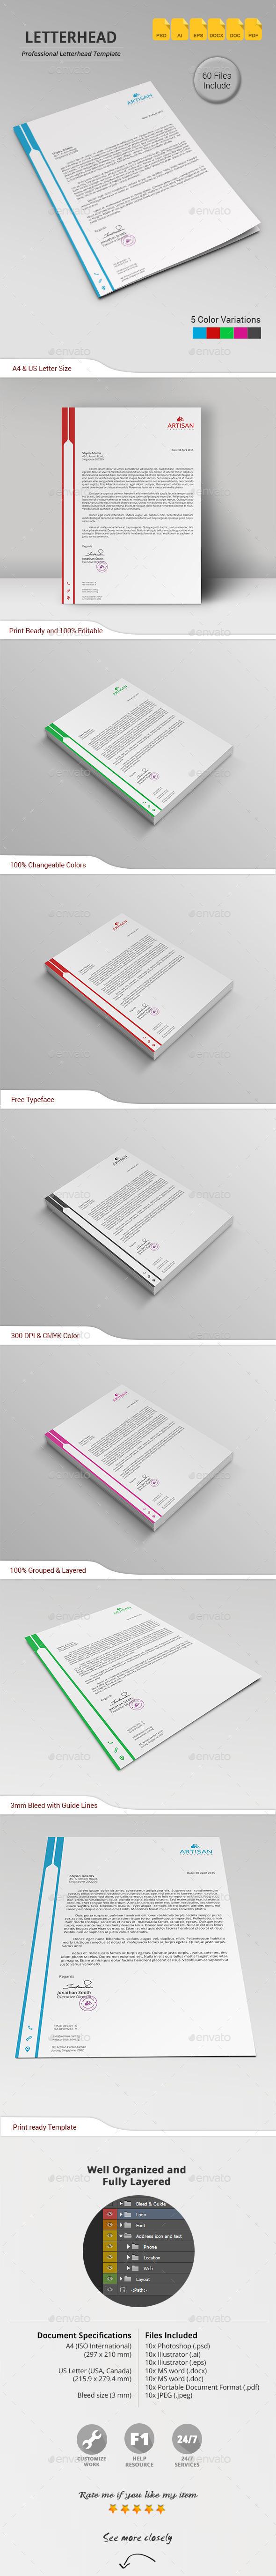 GraphicRiver Letterhead 11218129